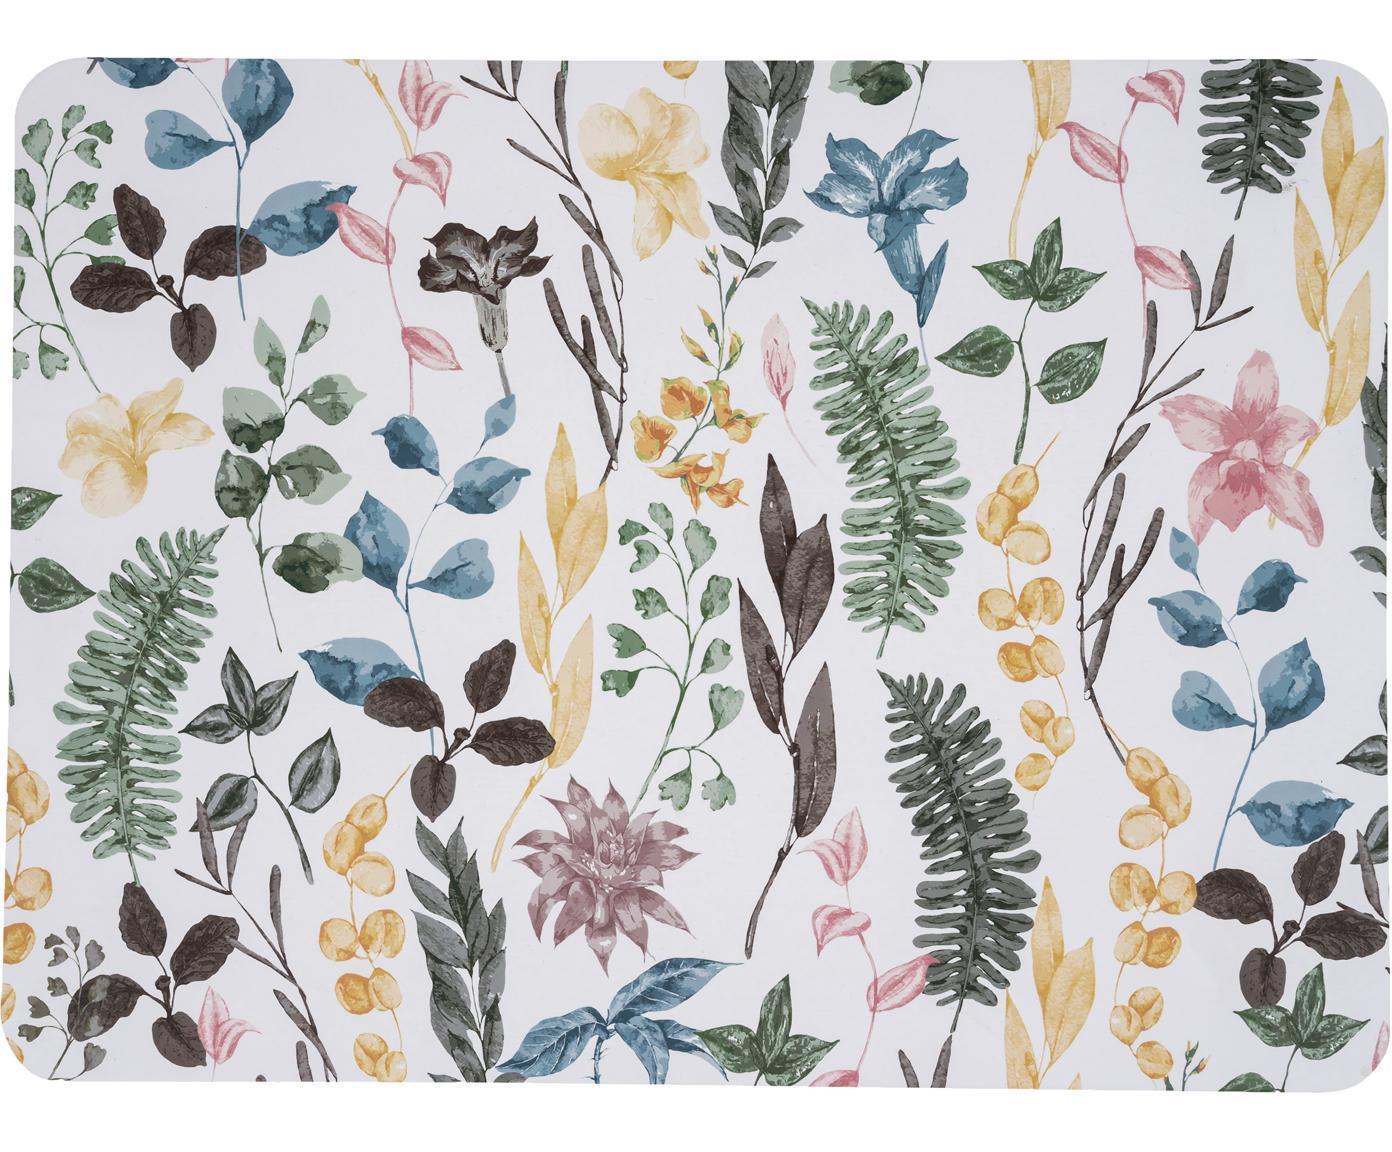 Tovaglietta americana Summerfield 2 pz, Retro: sughero, Bianco, multicolore, Larg. 40 x Prof. 30 cm